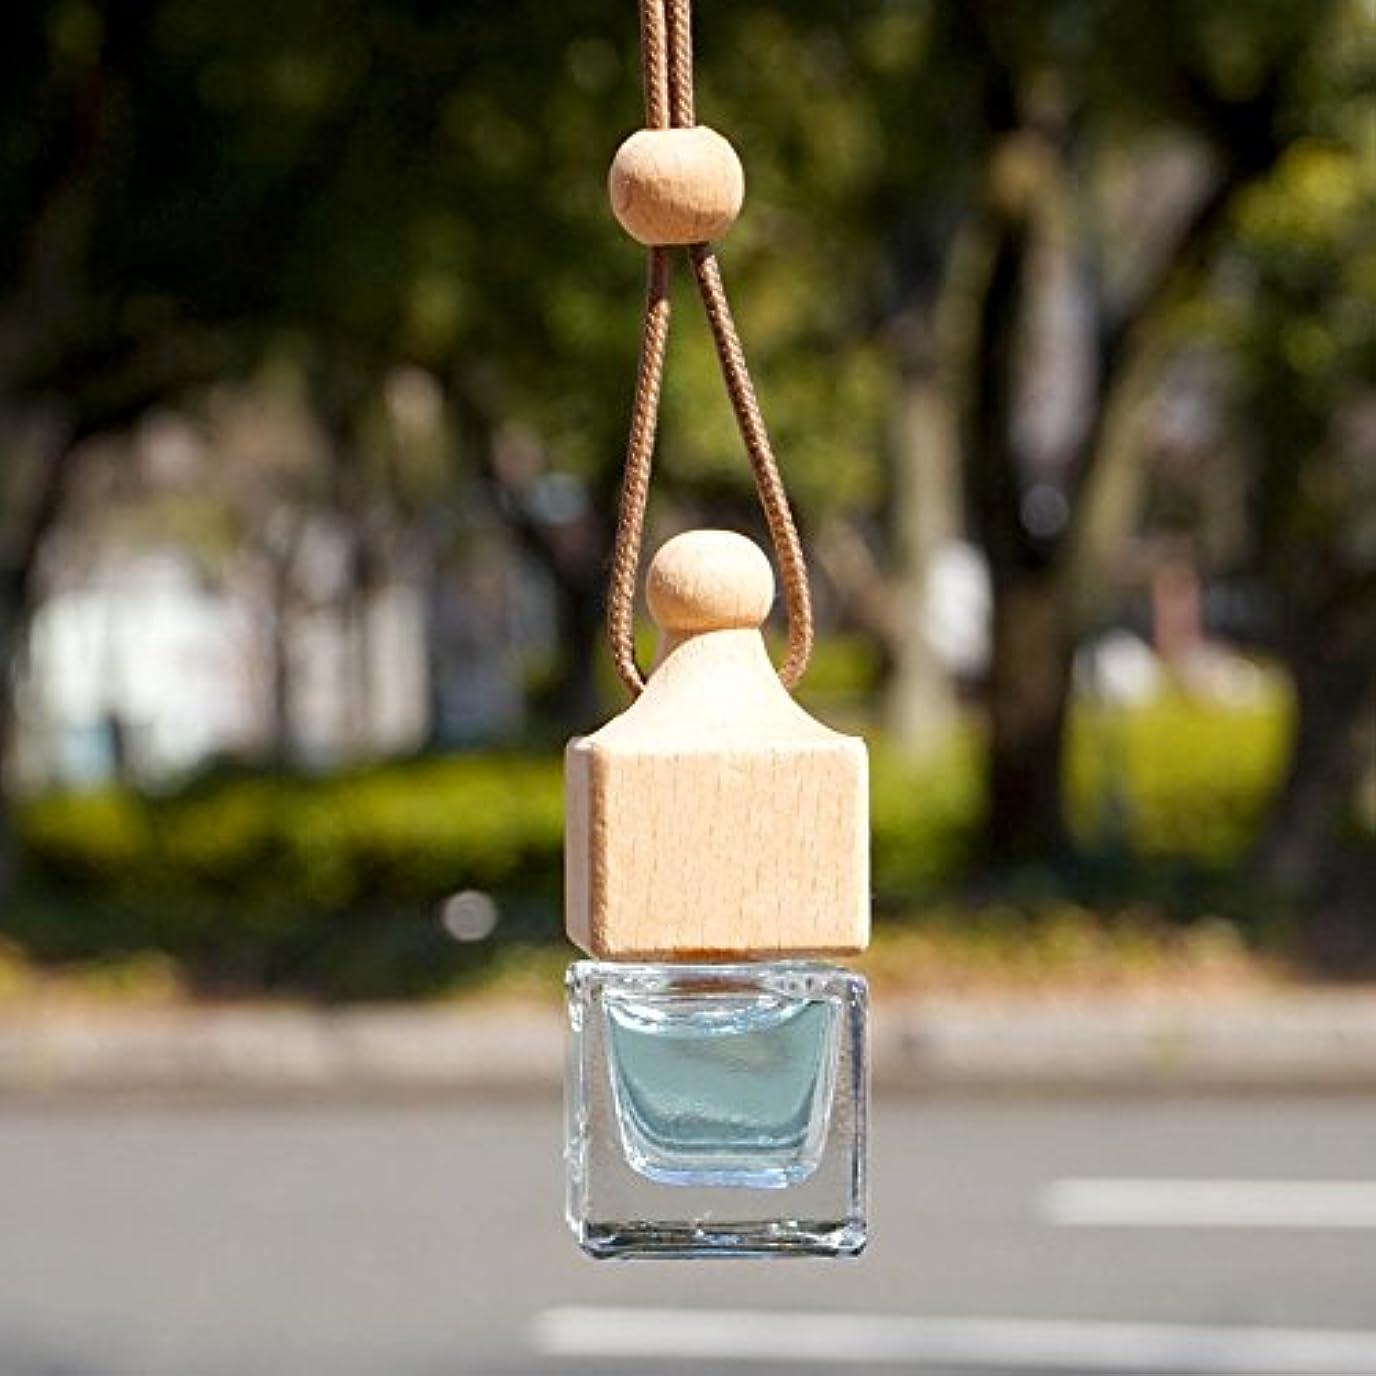 カルシウム帰る肥満車用アロマディフューザー ローズムスクフレグランスオイルセット(スポイト無料プレゼント)